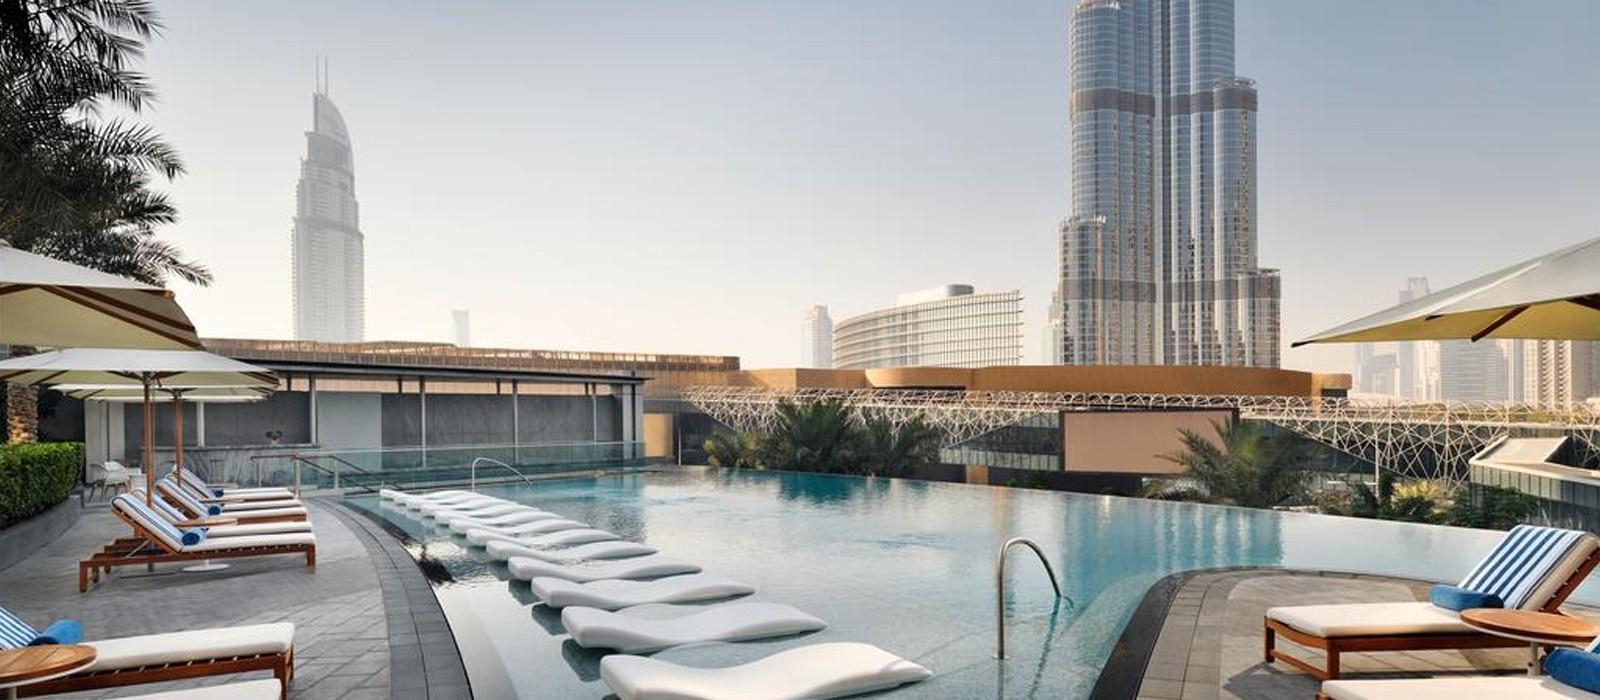 Luxury Dubai Holiday Packages The Address Boulevard Dubai Header